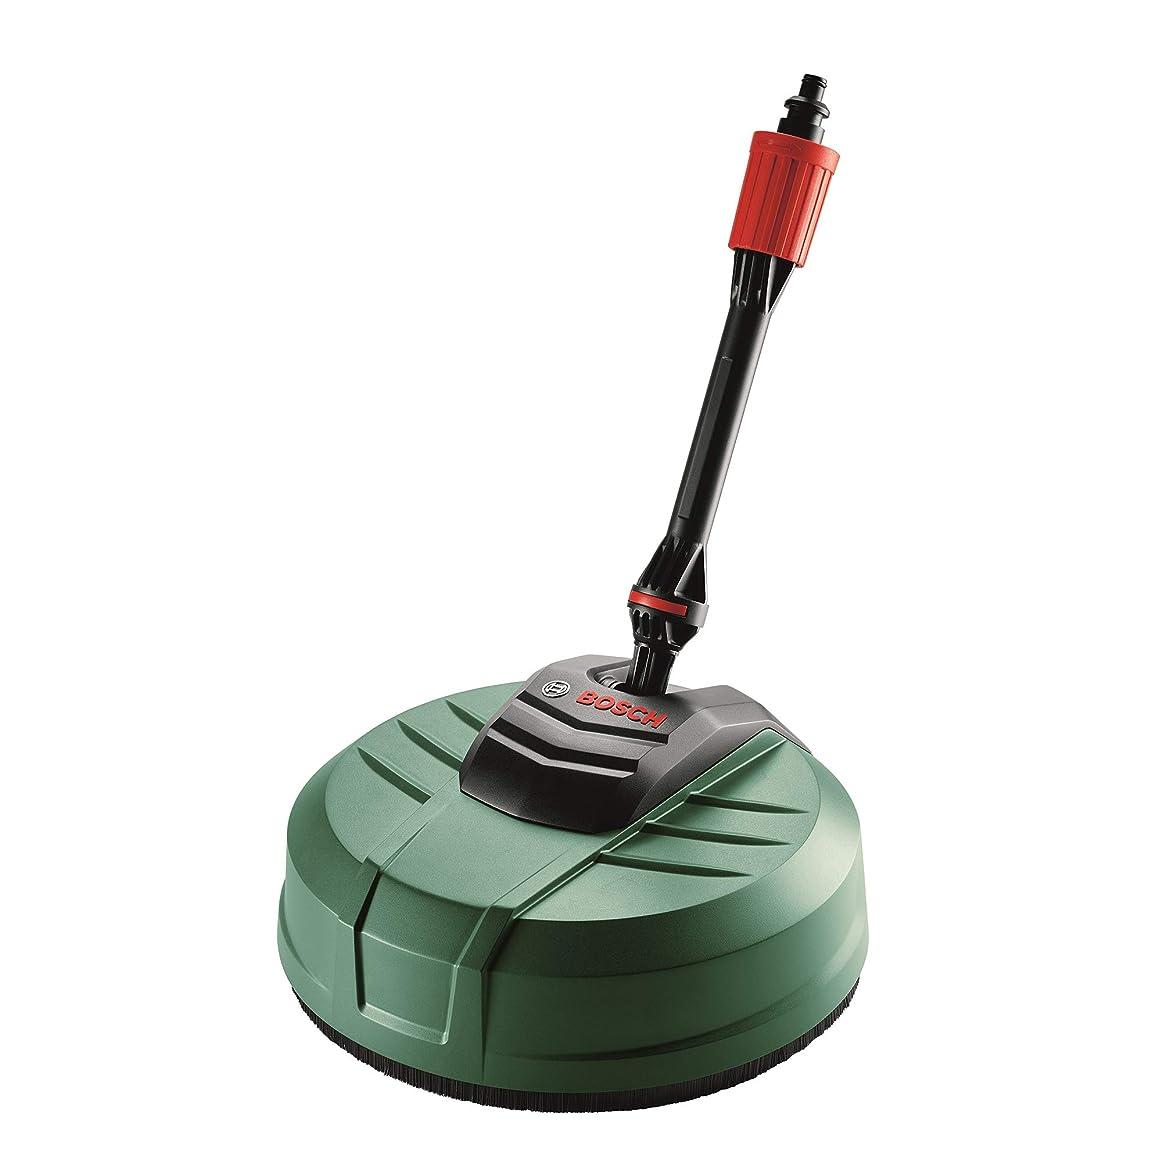 複製シャワー知り合いになるBOSCH(ボッシュ) 高圧洗浄機用テラスクリーナー(250mm?専用ランス付き) F016800486